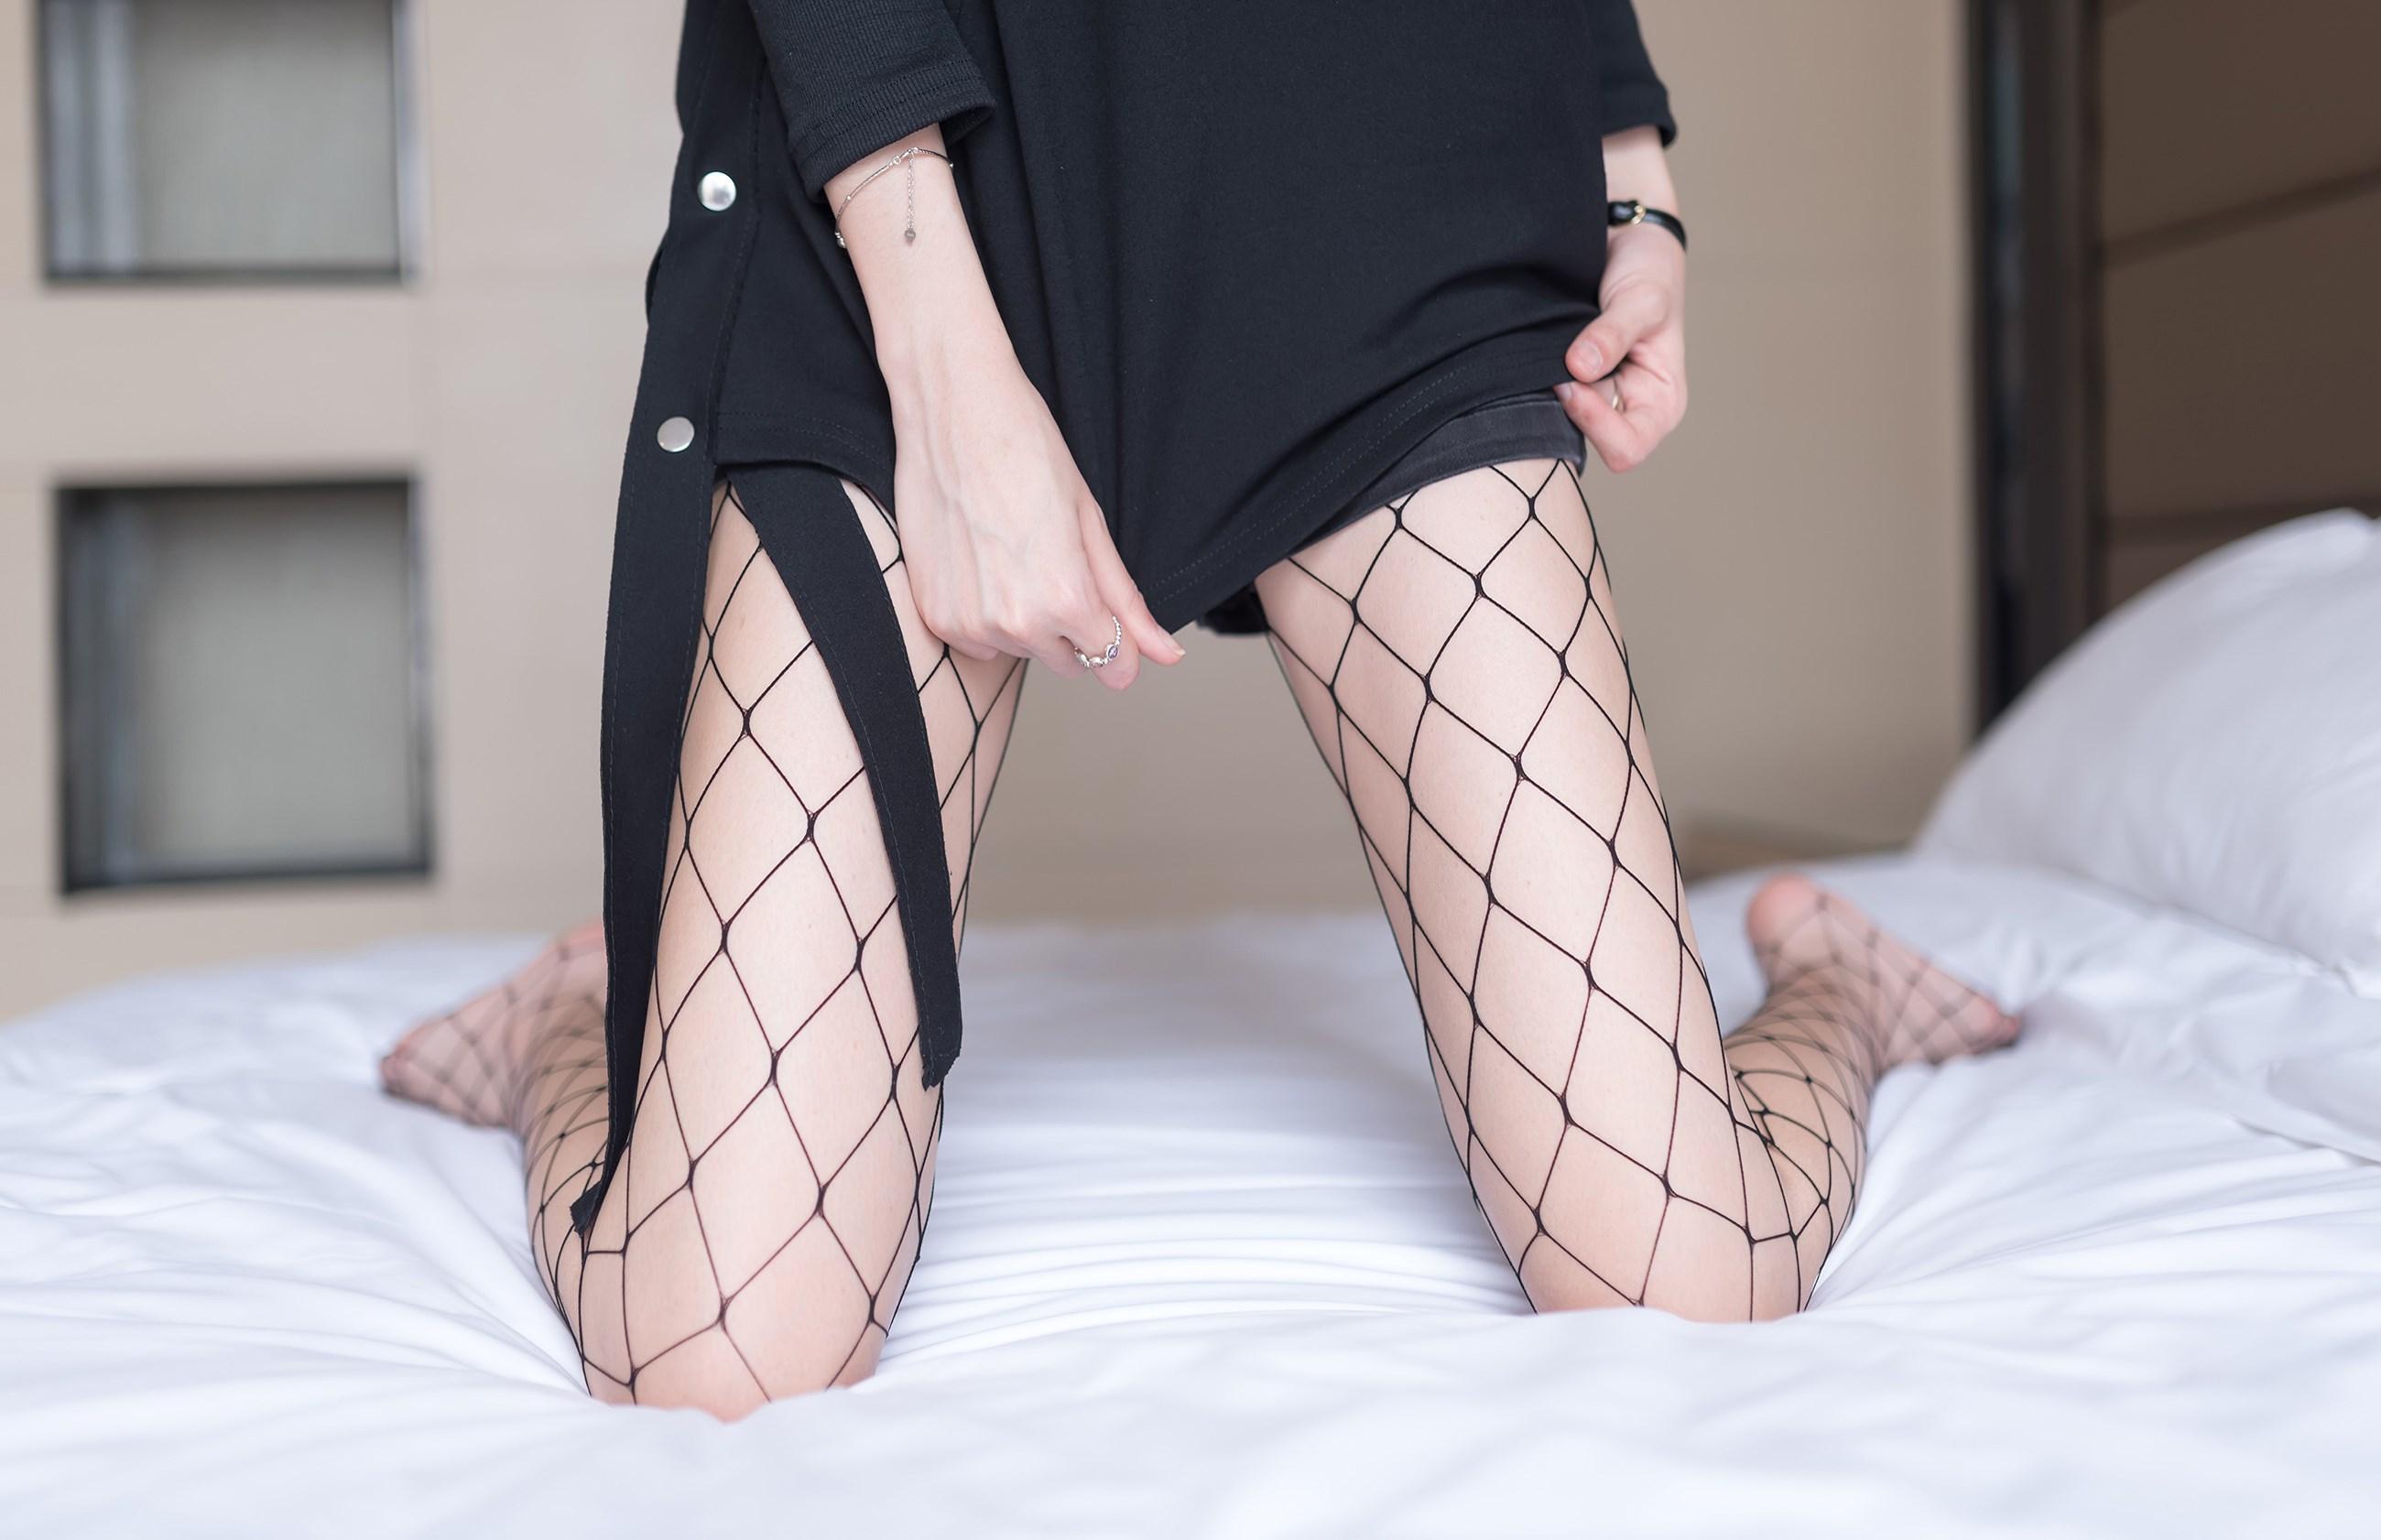 【兔玩映画】网袜少女! 兔玩映画 第24张